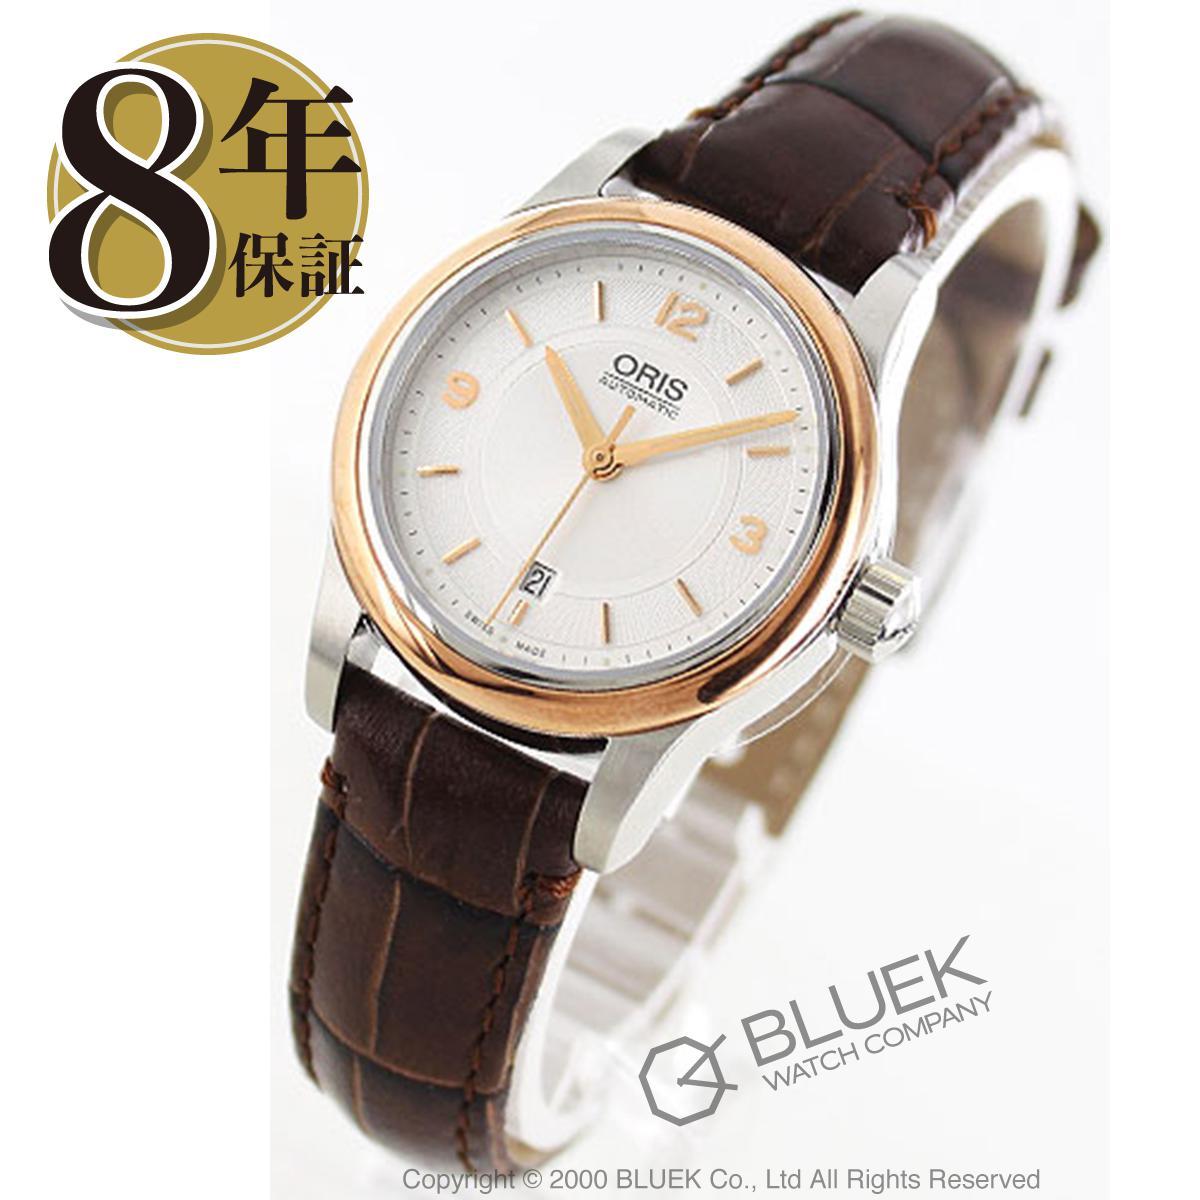 オリス クラシック 腕時計 レディース ORIS 561 7650 4331F_8